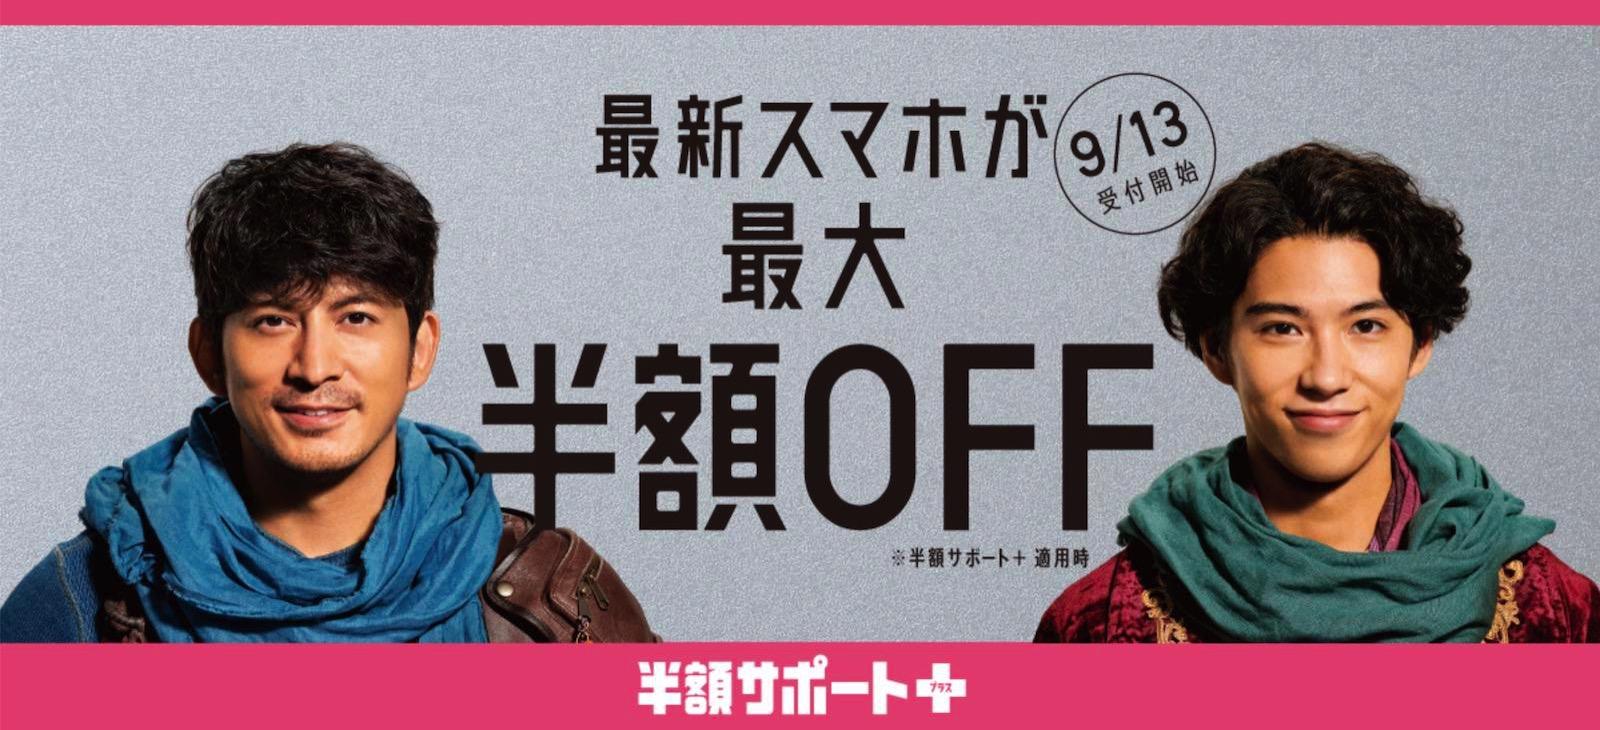 Hangaku saupport softbank